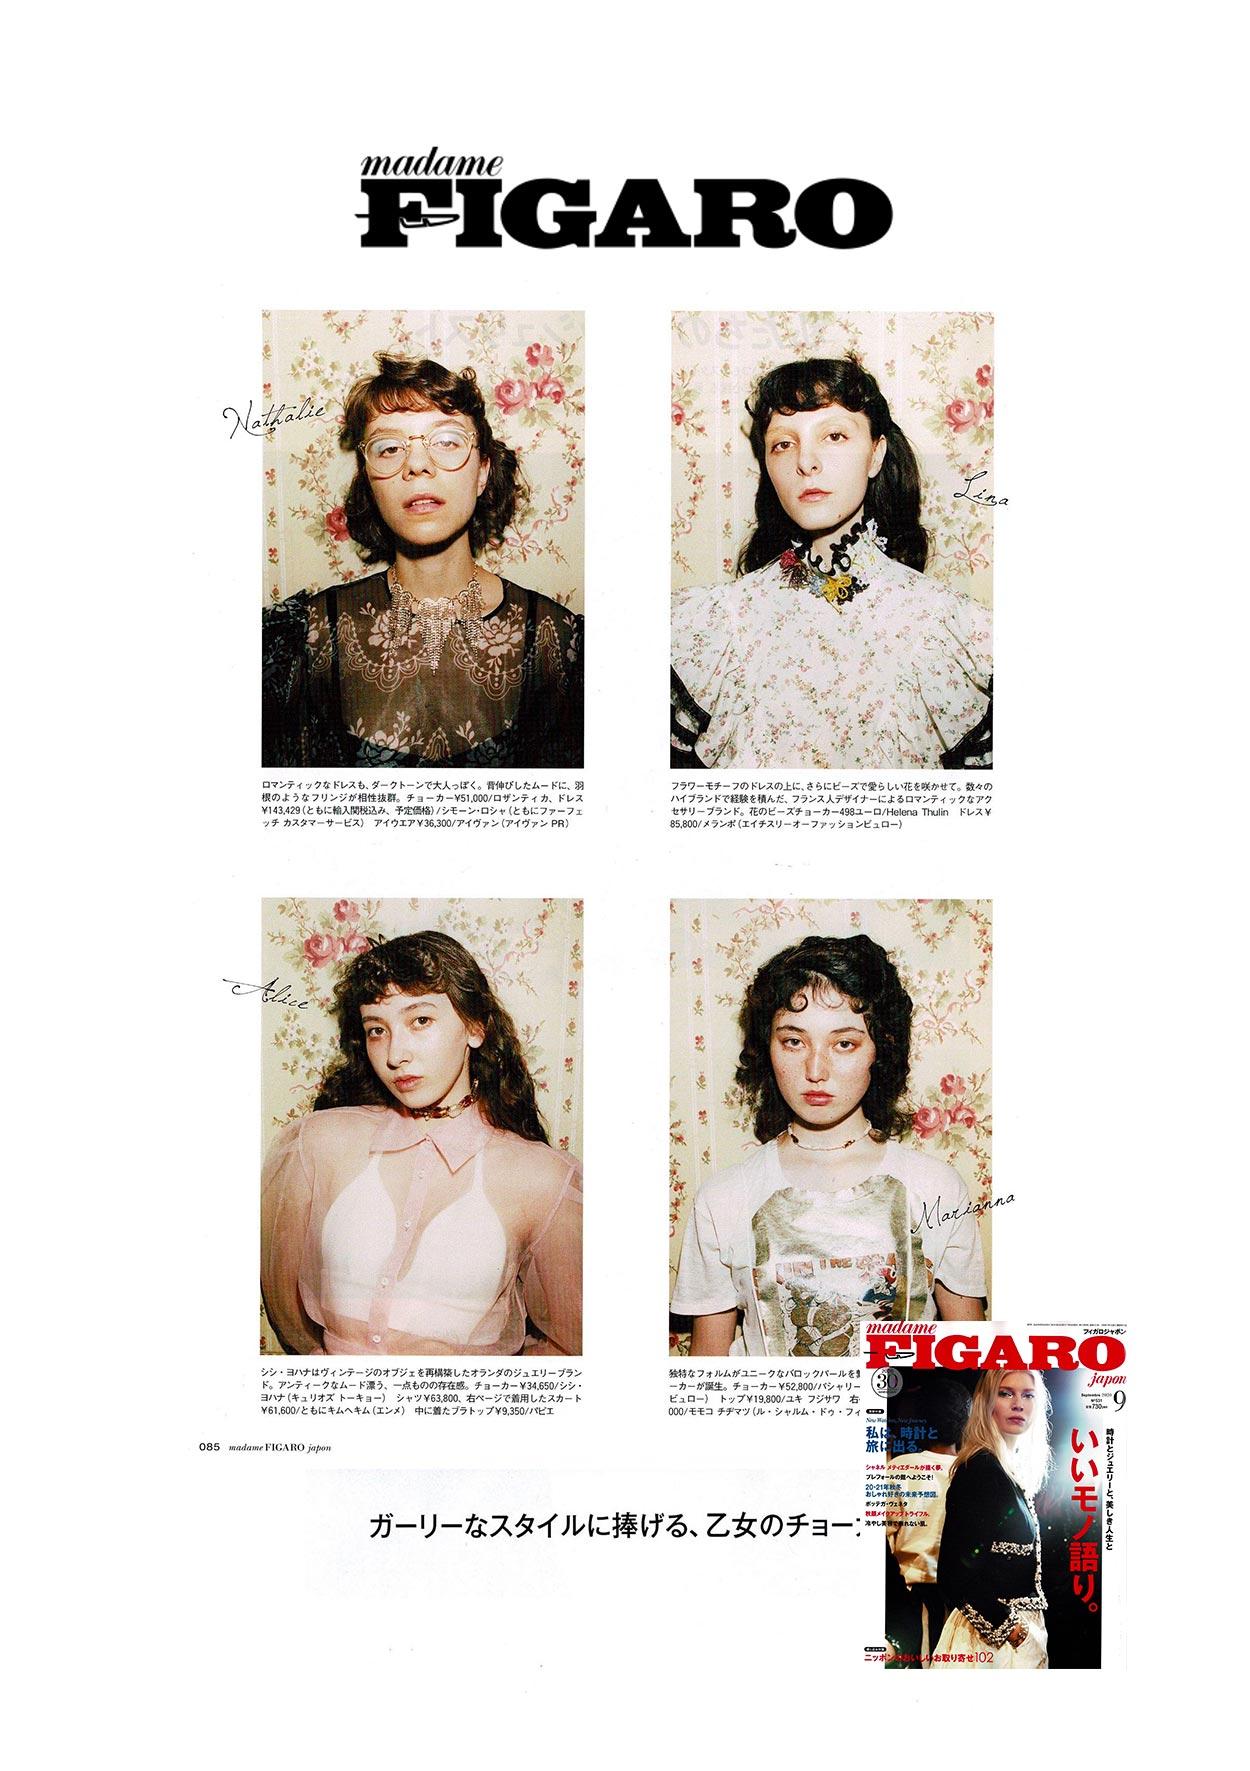 melampo press on madame figaro japan magazine - photo 2